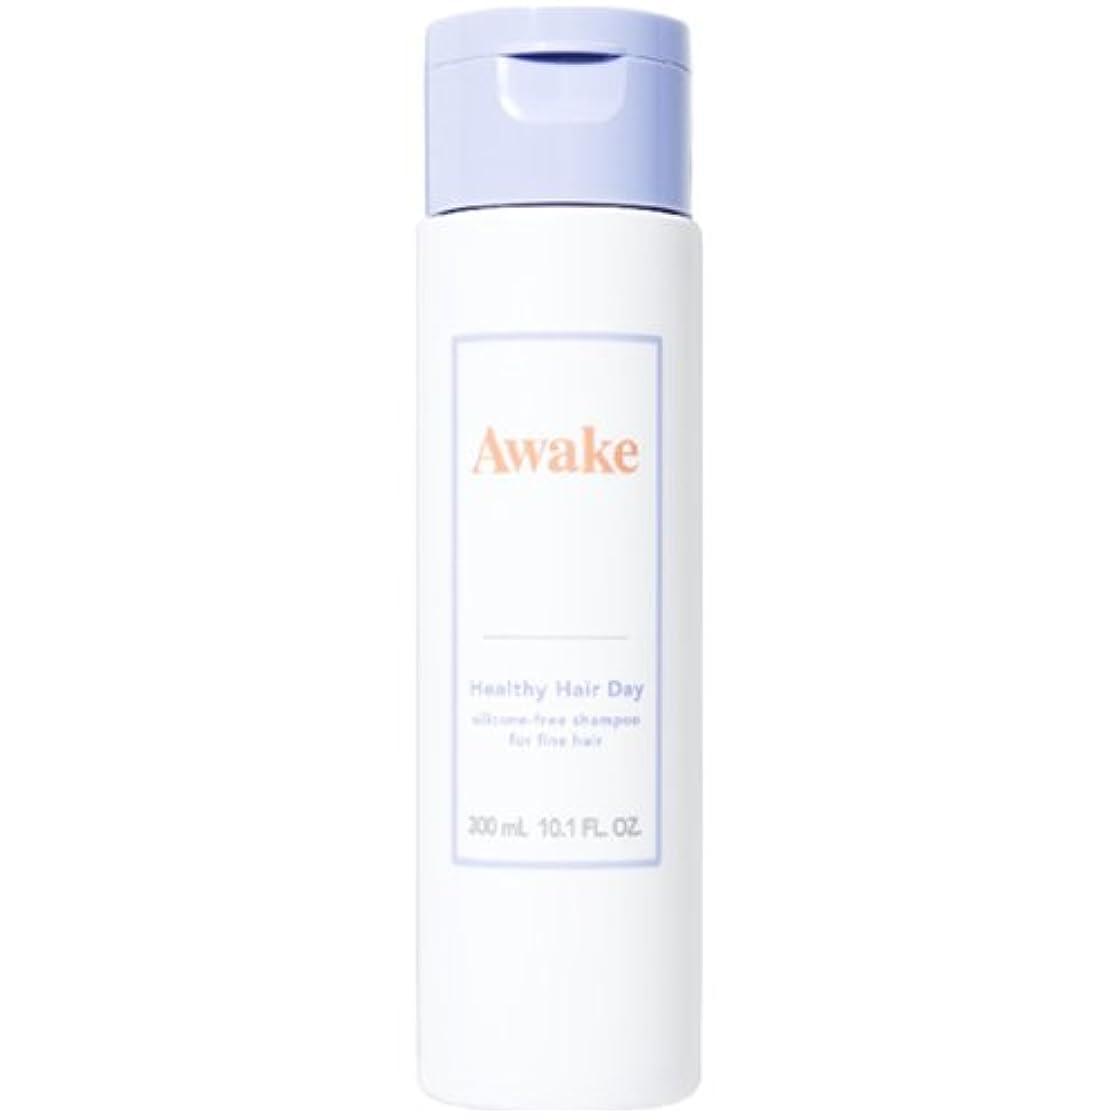 換気するラビリンス調整するアウェイク(AWAKE) Awake(アウェイク) ヘルシーヘアデイ シリコーンフリー ヘアシャンプー ハリコシアップヘア用 (300mL)